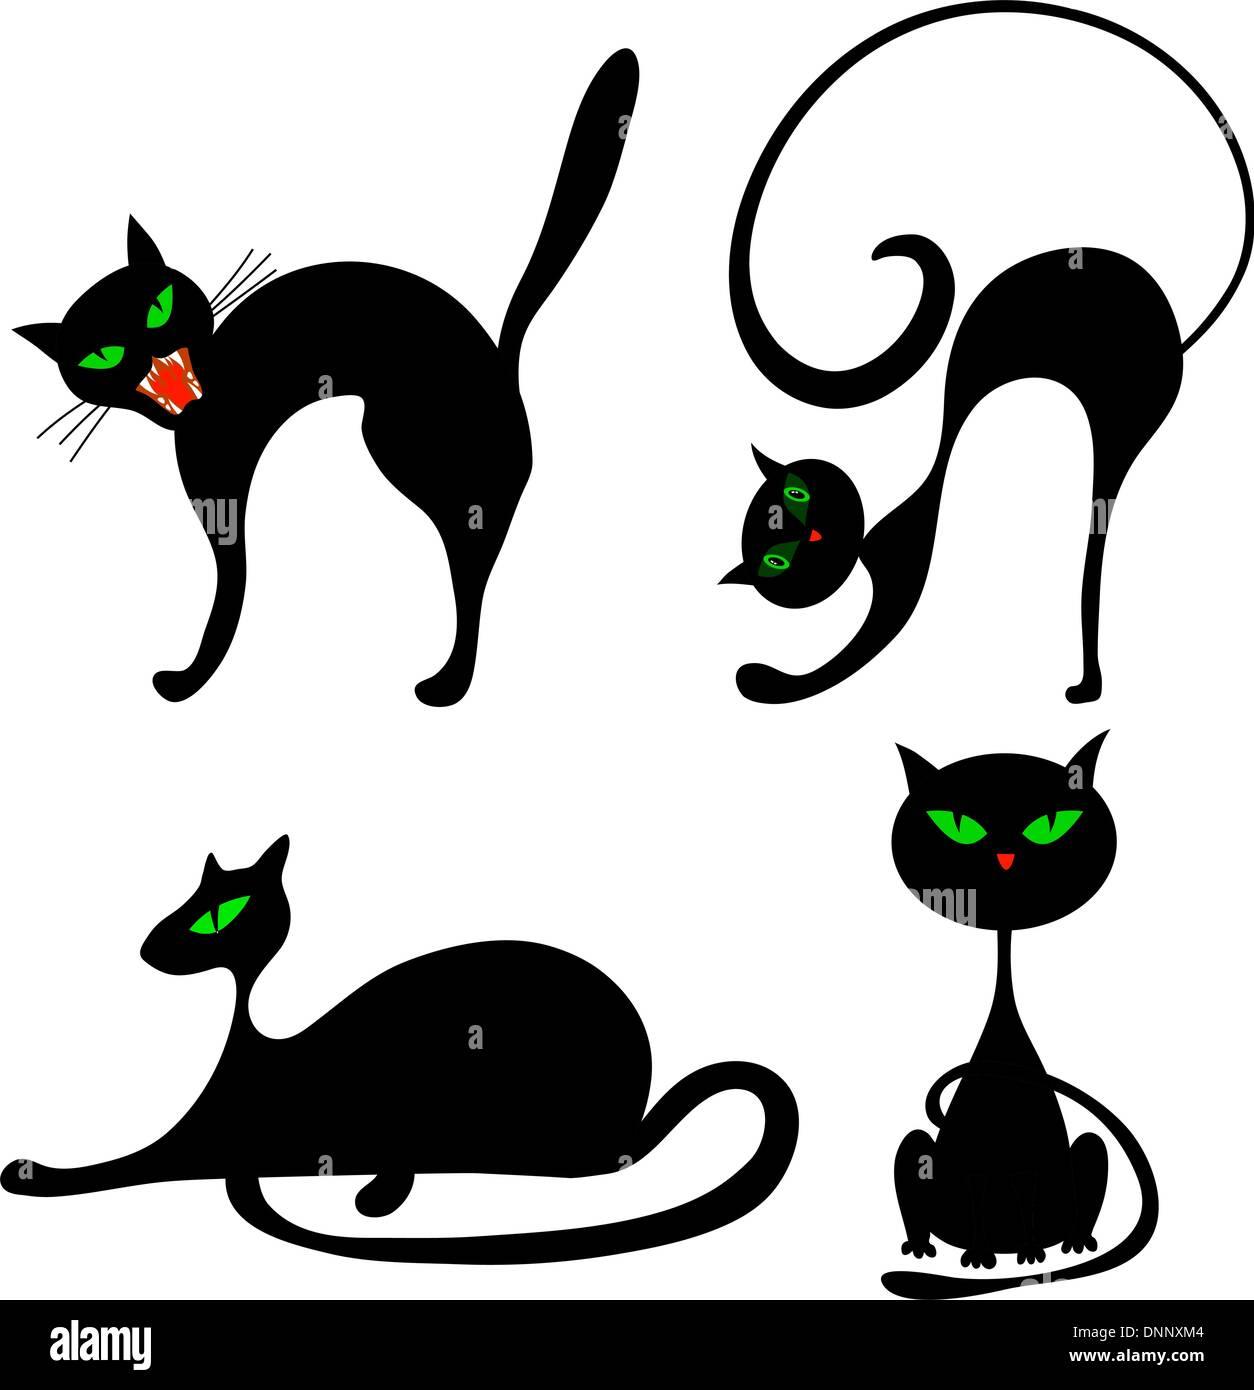 Jeu d'halloween chat noir avec les yeux verts. Vector illustration. Photo Stock